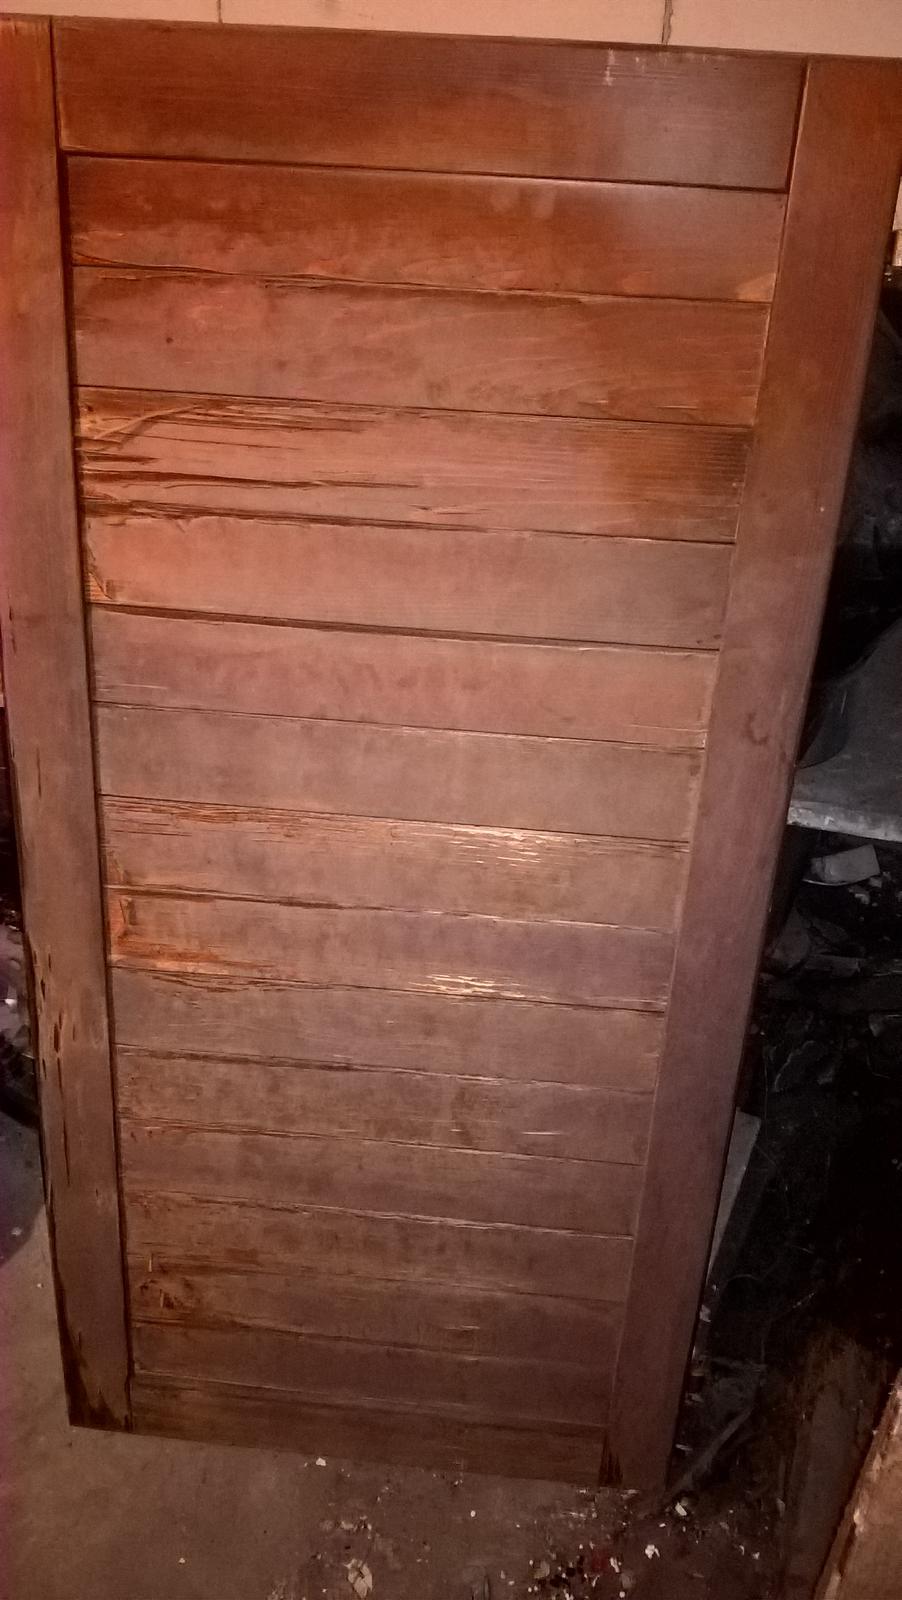 drevena okenica 3 - Obrázok č. 1